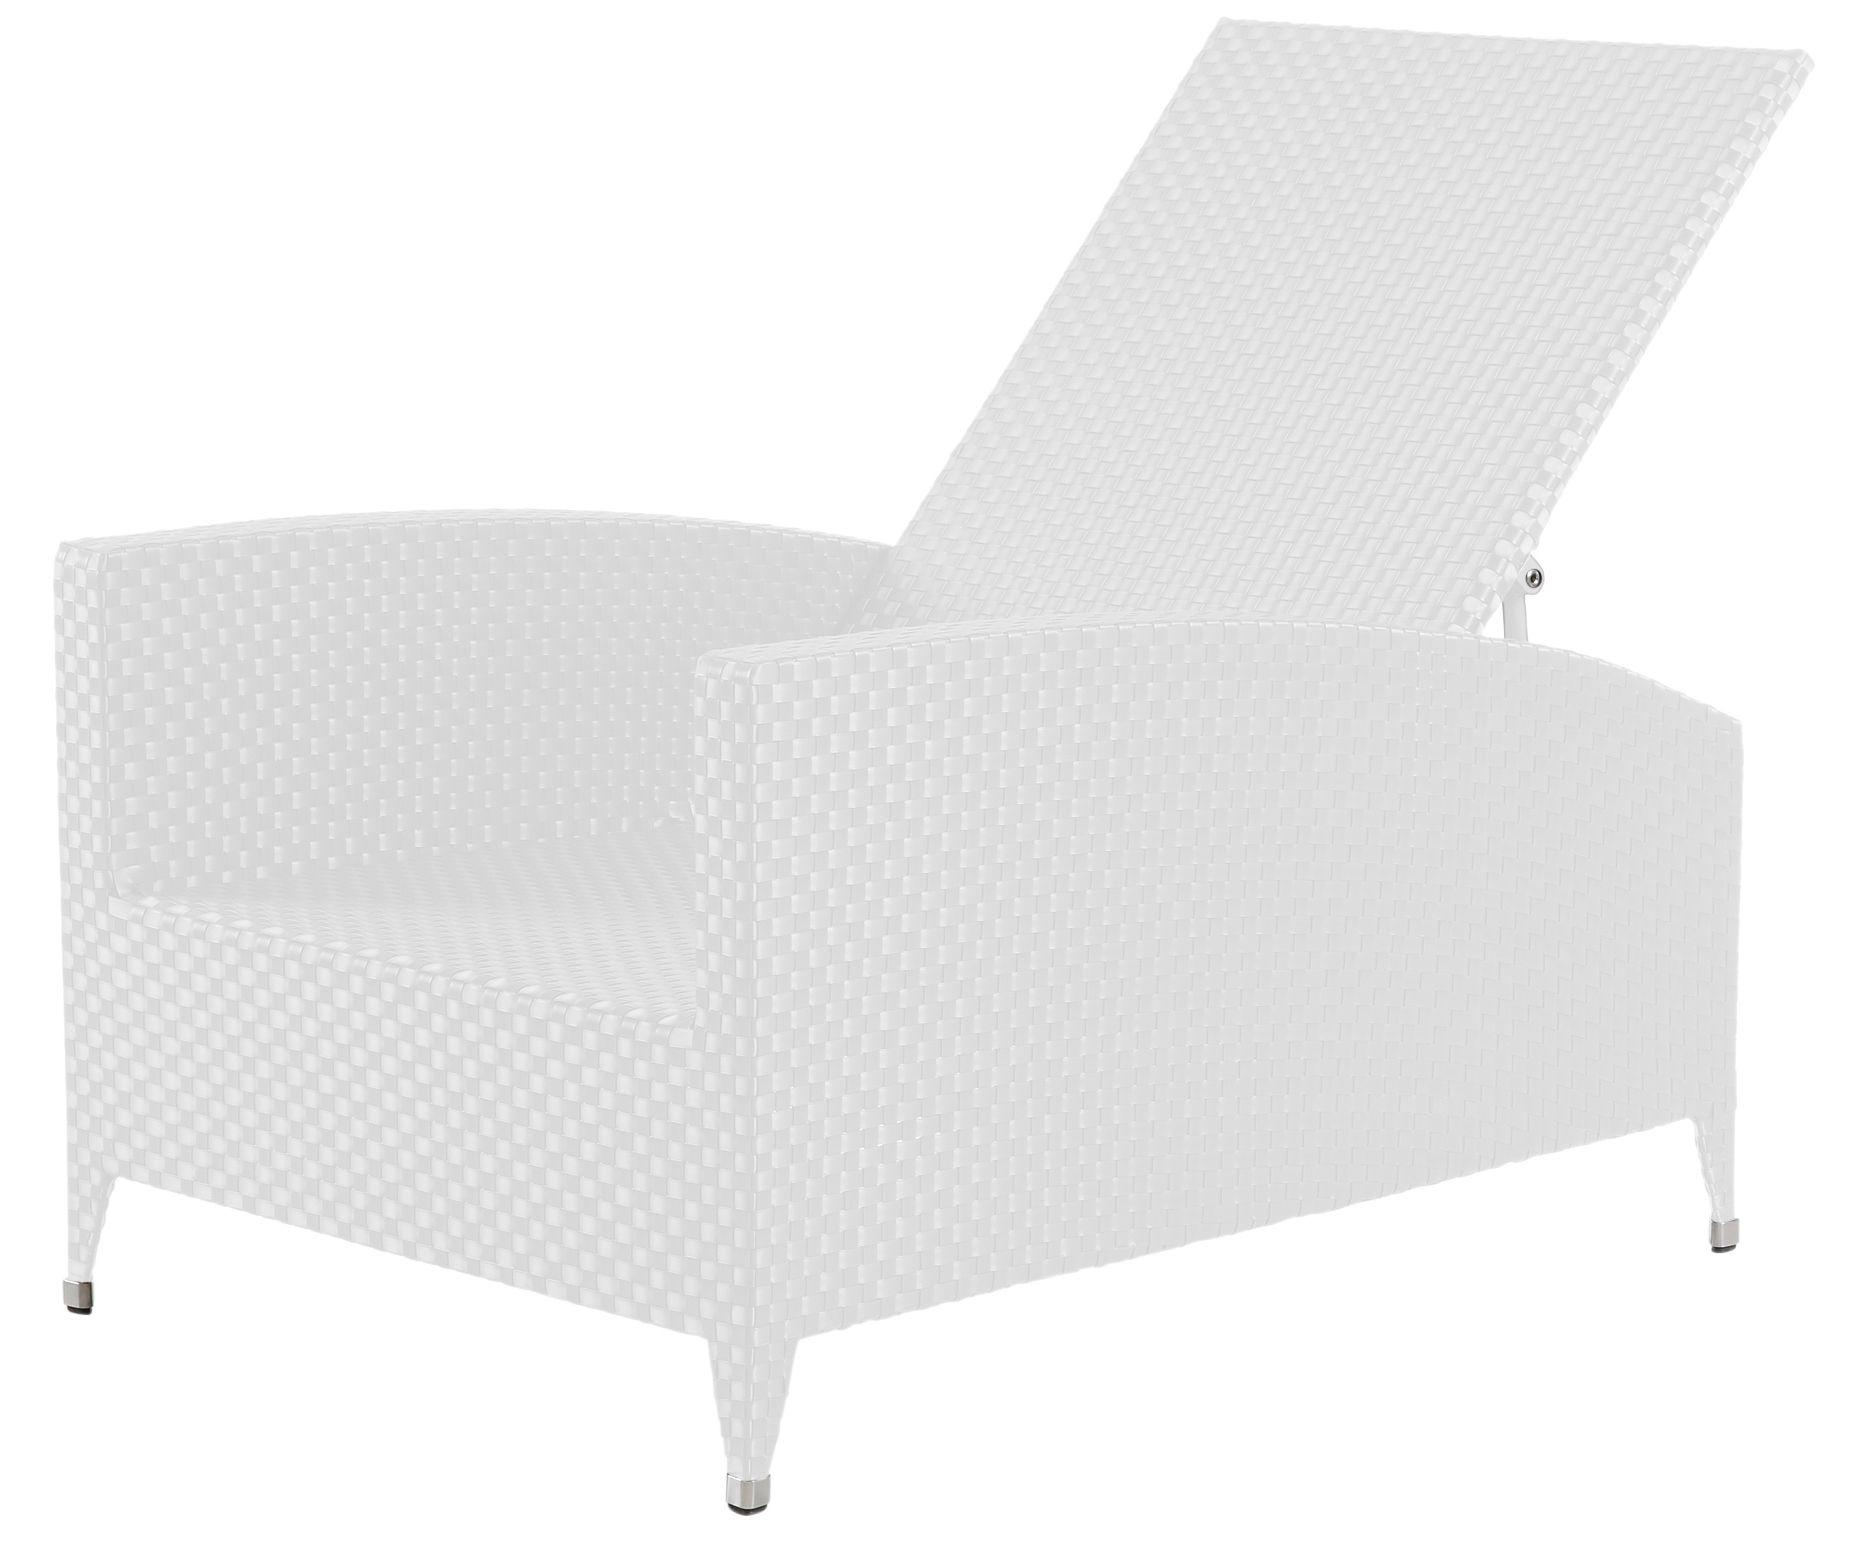 transatlantik mit verstellbarer r ckenlehne sifas sessel. Black Bedroom Furniture Sets. Home Design Ideas